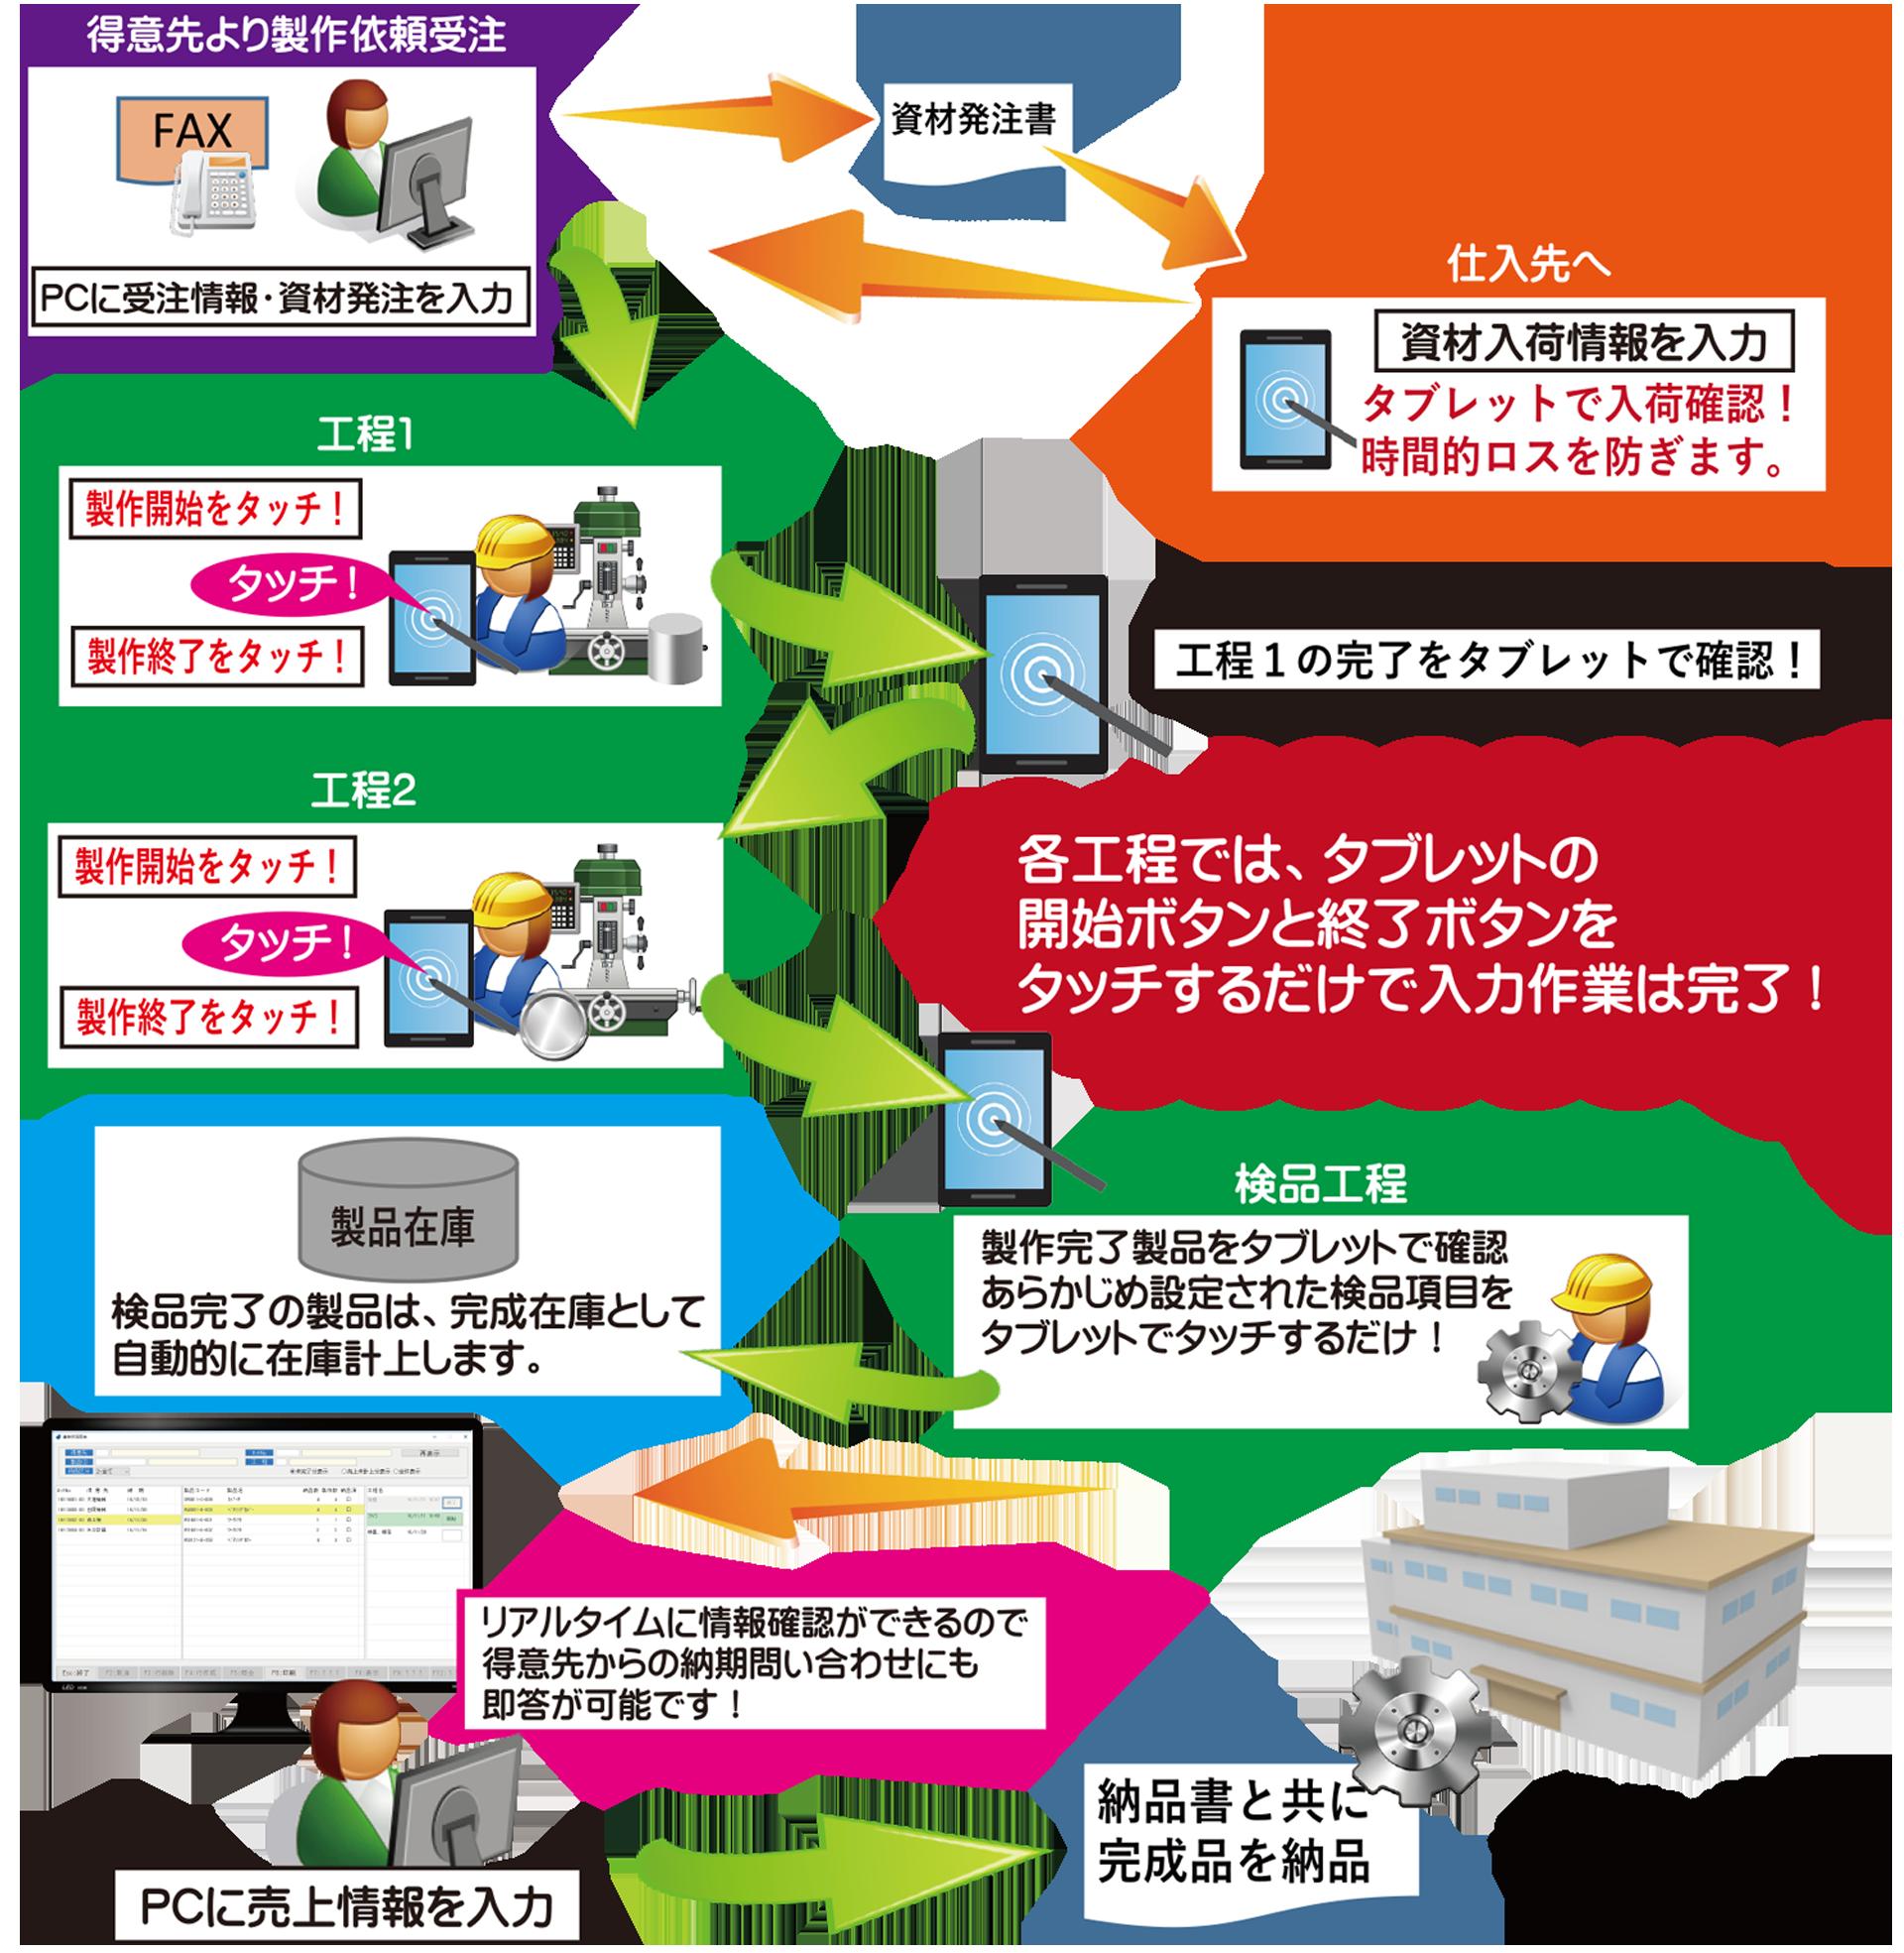 プロックパス_特徴2